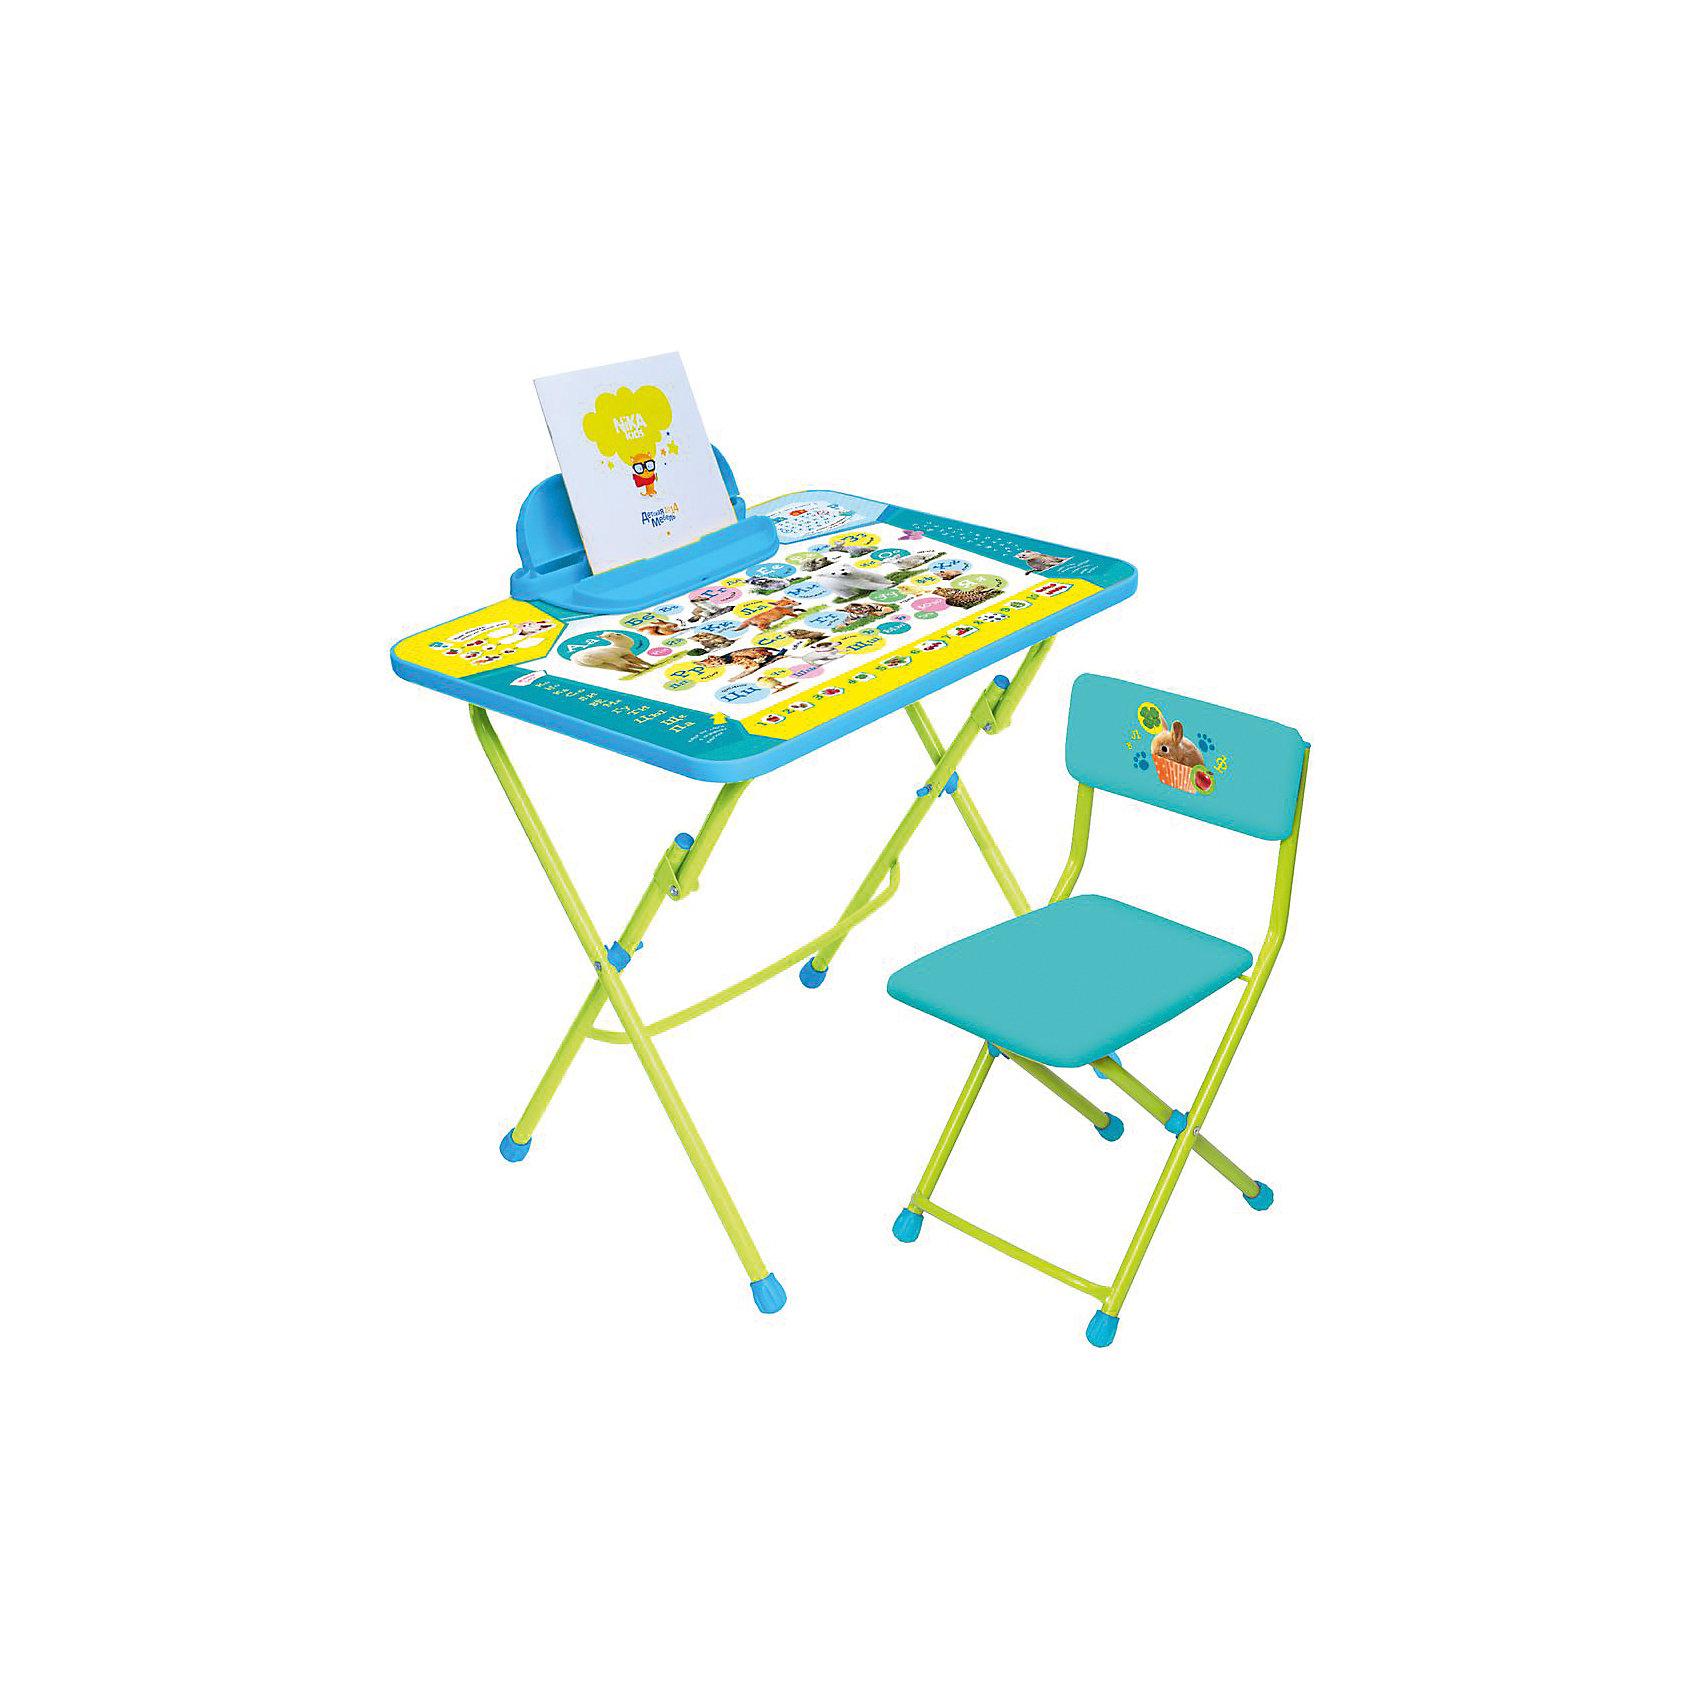 Набор мебели КУ2/ПА. Пушистая азбука, НикаСтолы и стулья<br>Характеристики товара:<br><br>• материал: металл, пластик<br>• размер столешницы: 60х45 см<br>• высота стола: 58 см<br>• сиденье: 31х27 см<br>• высота до сиденья: 32 см<br>• высота со спинкой 57 см<br>• подставка для ног<br>• пенал<br>• складной<br>• на столешнице - полезные рисунки<br>• на ламинированной поверхности стола можно рисовать маркером на водной основе<br>• на ножках пластмассовые наконечники<br>• складной<br>• возраст: от 3 до 7 лет<br>• страна бренда: Российская Федерация<br>• страна производства: Российская Федерация<br><br>Детская мебель может быть удобной и эргономичной! Этот комплект разработан специально для детей от трех до семи лет. Он легко складывается и раскладывается, занимает немного места, легко моется. Каркас сделан из прочного, но легкого металла, а на ножках установлены пластмассовые наконечники для защиты напольного покрытия. Столешница украшена полезными познавательными рисунками. Отличное решение как для кормления малыша, так и для игр, творчества и обучения!<br>Правильно подобранная мебель помогает ребенку расти здоровым, формироваться правильной осанке. Изделие производится из качественных сертифицированных материалов, безопасных даже для самых маленьких.<br><br>Набор мебели Пушистая азбука от бренда Ника можно купить в нашем интернет-магазине.<br><br>Ширина мм: 750<br>Глубина мм: 155<br>Высота мм: 610<br>Вес г: 8080<br>Возраст от месяцев: 36<br>Возраст до месяцев: 84<br>Пол: Унисекс<br>Возраст: Детский<br>SKU: 5223630